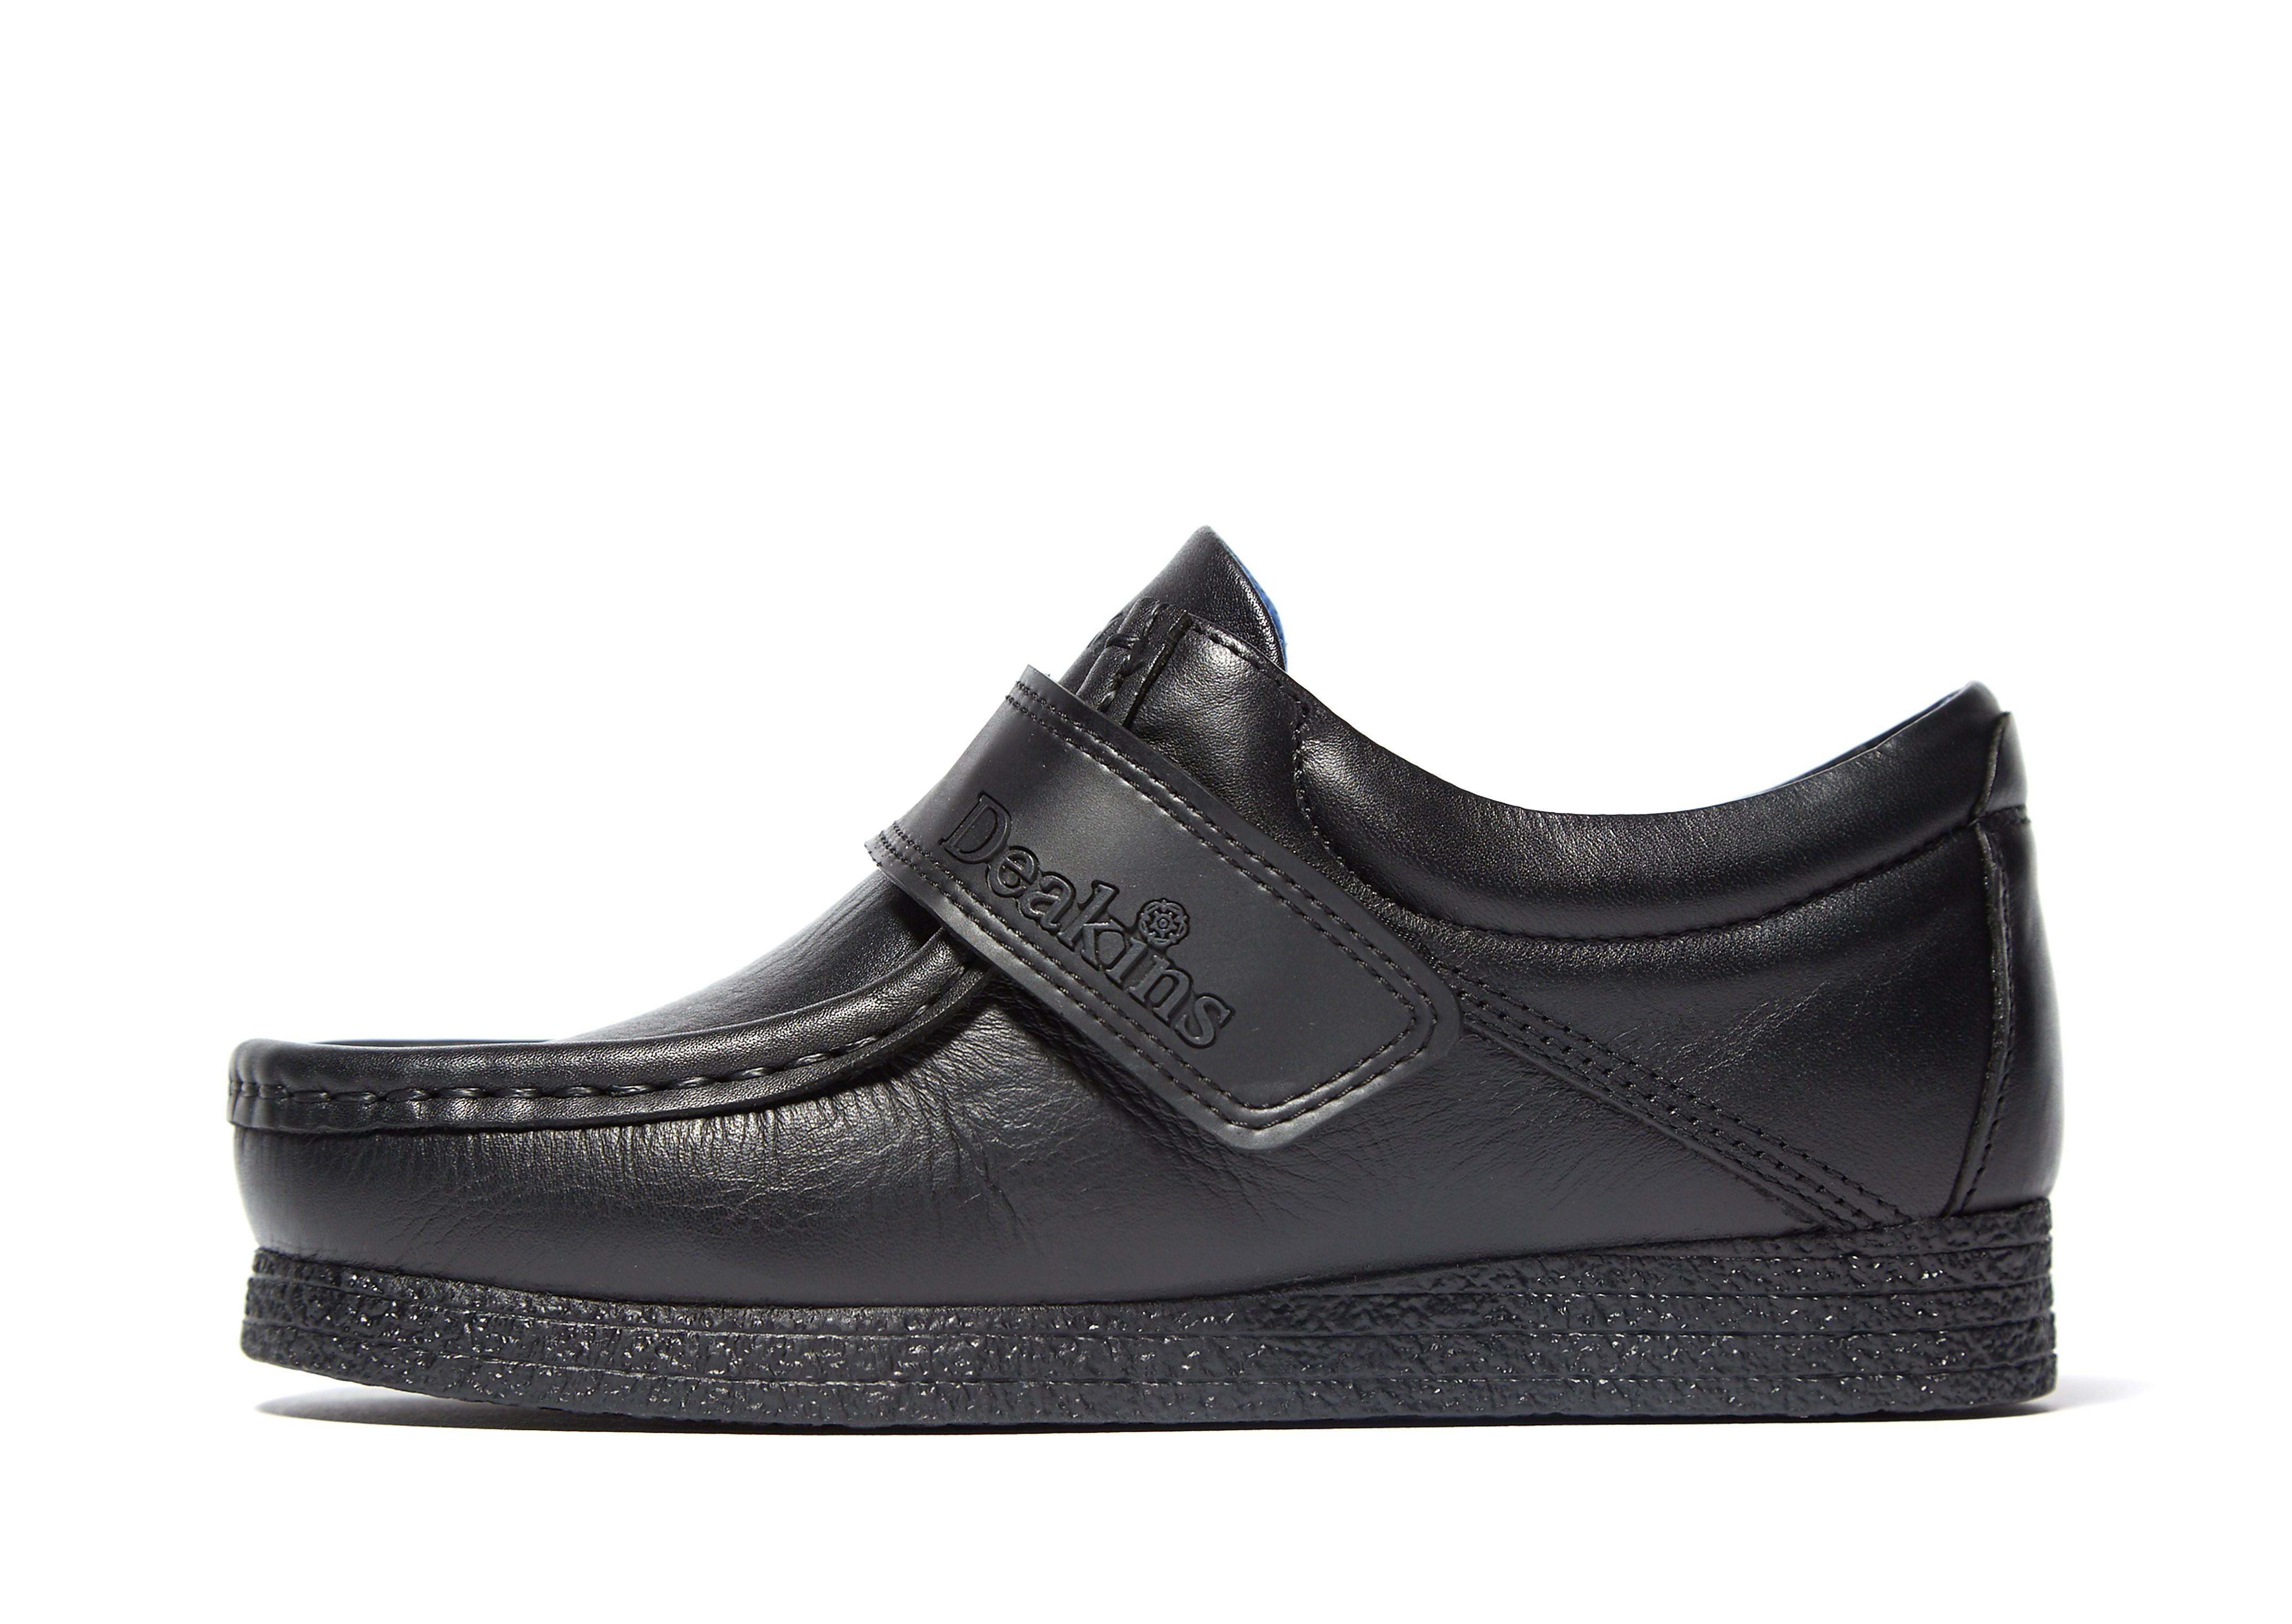 Nicholas Deakins Kain Strap Apron Shoes Children's